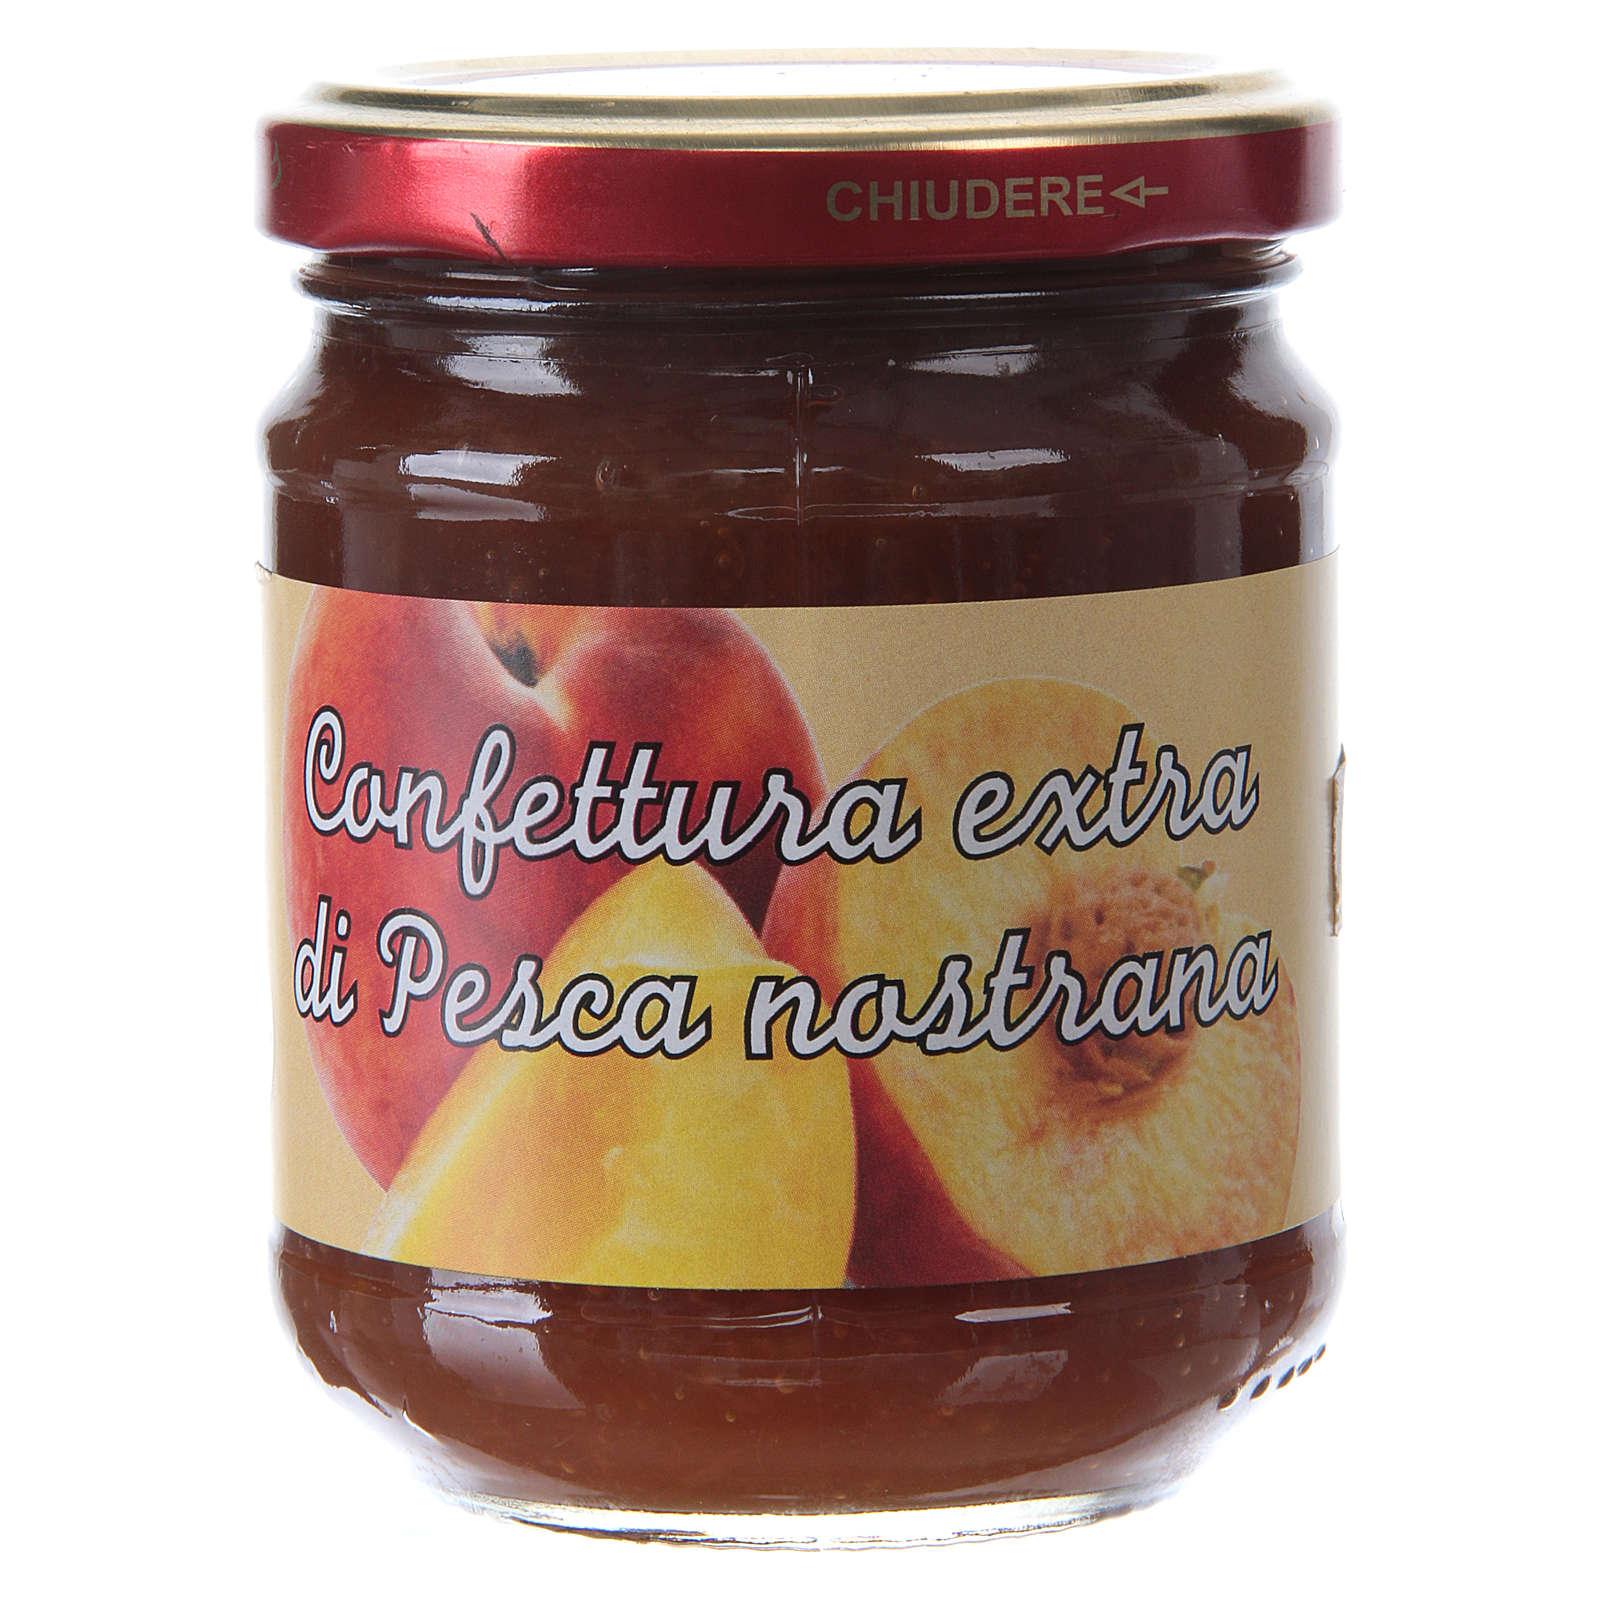 Confettura extra di pesca nostrana 220 g  di Sant'Antonio di Padova 3